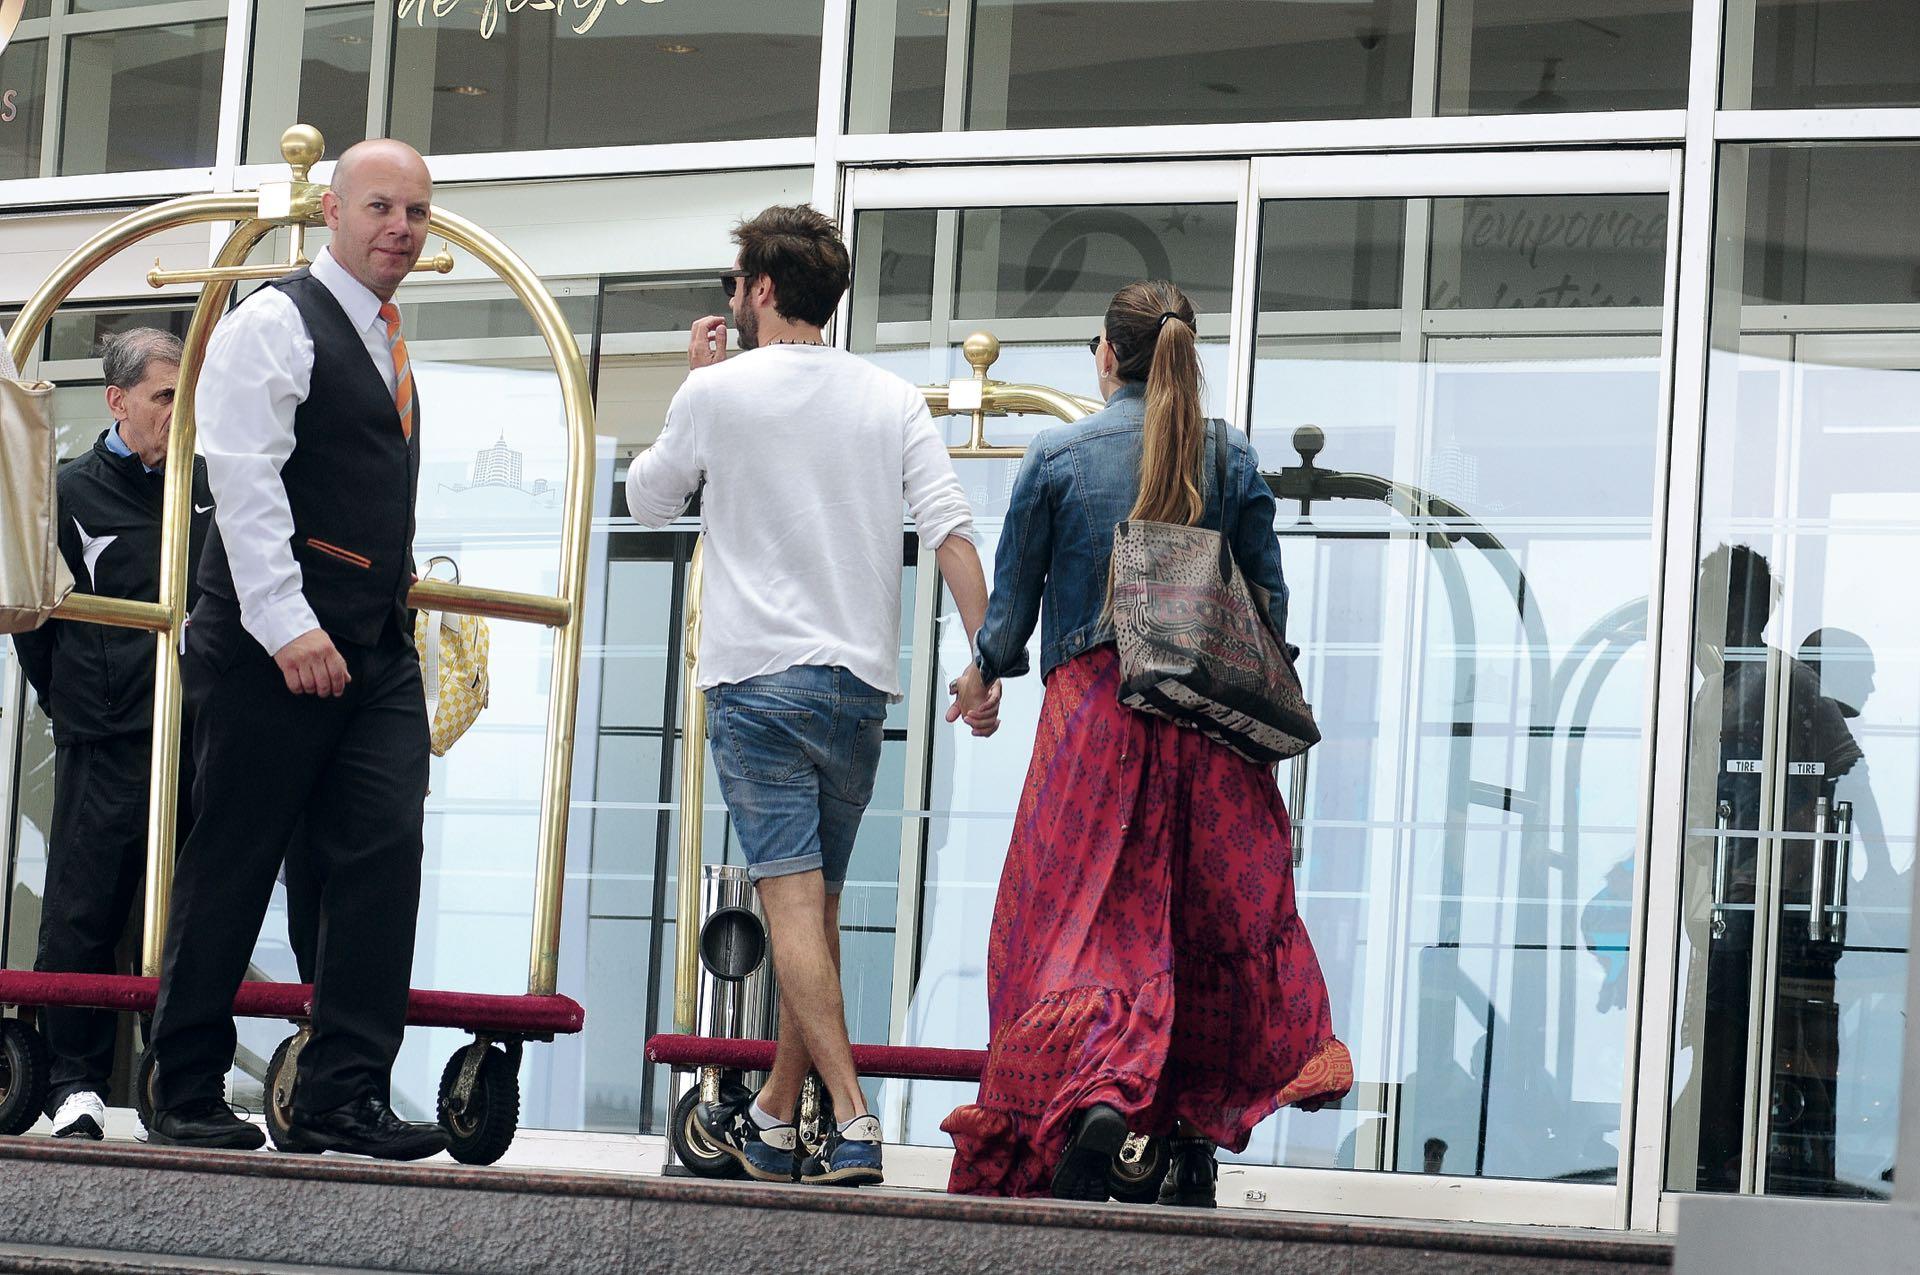 Benjamín y la China entrando al hotel para buscar a los hijos del actor que estaban con su mamá.